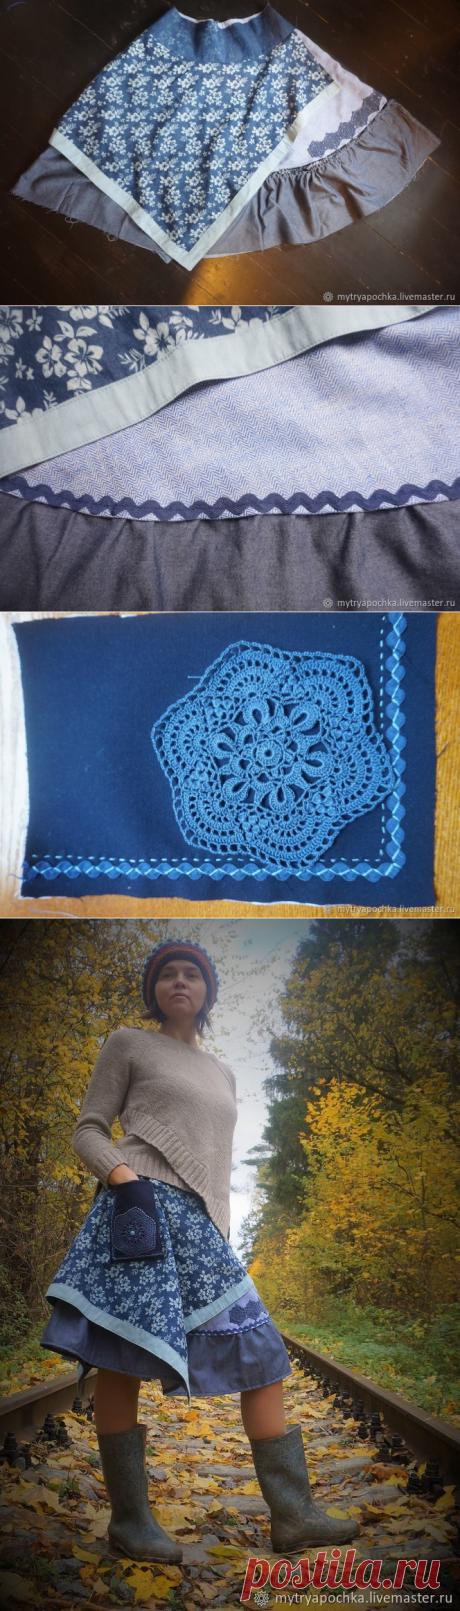 Шьем юбку в бохо стиле - Ярмарка Мастеров - ручная работа, handmade